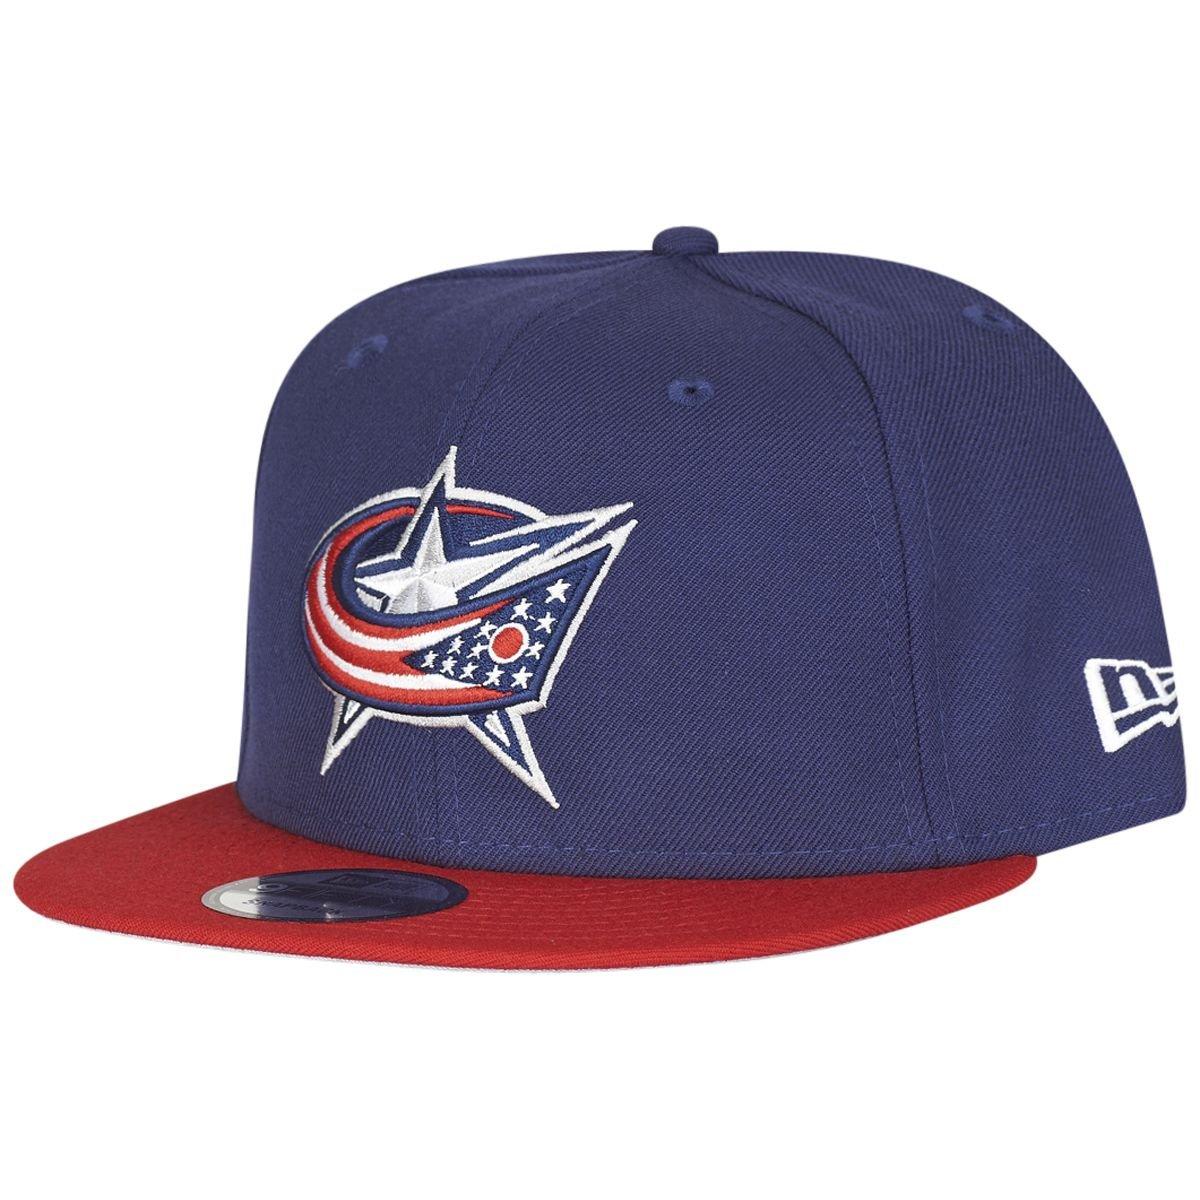 New Era 9Fifty Snapback Cap - NHL Columbus Blue Jackets navy